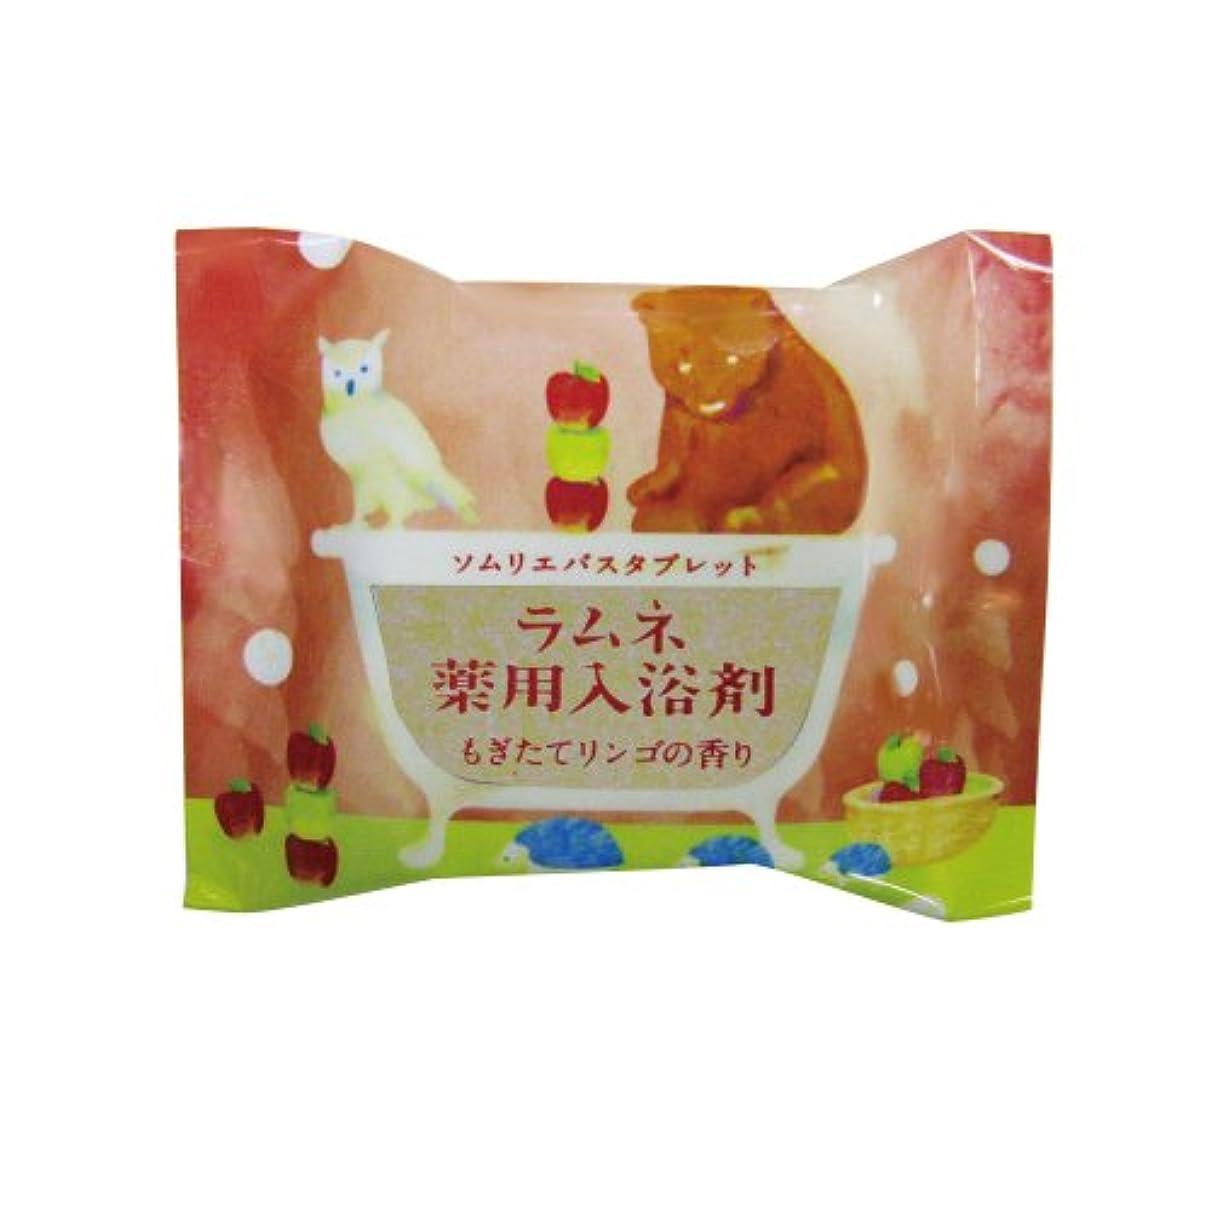 わかるコピー北東ソムリエバスタブレット ラムネ薬用入浴剤 もぎたてリンゴの香り 12個セット